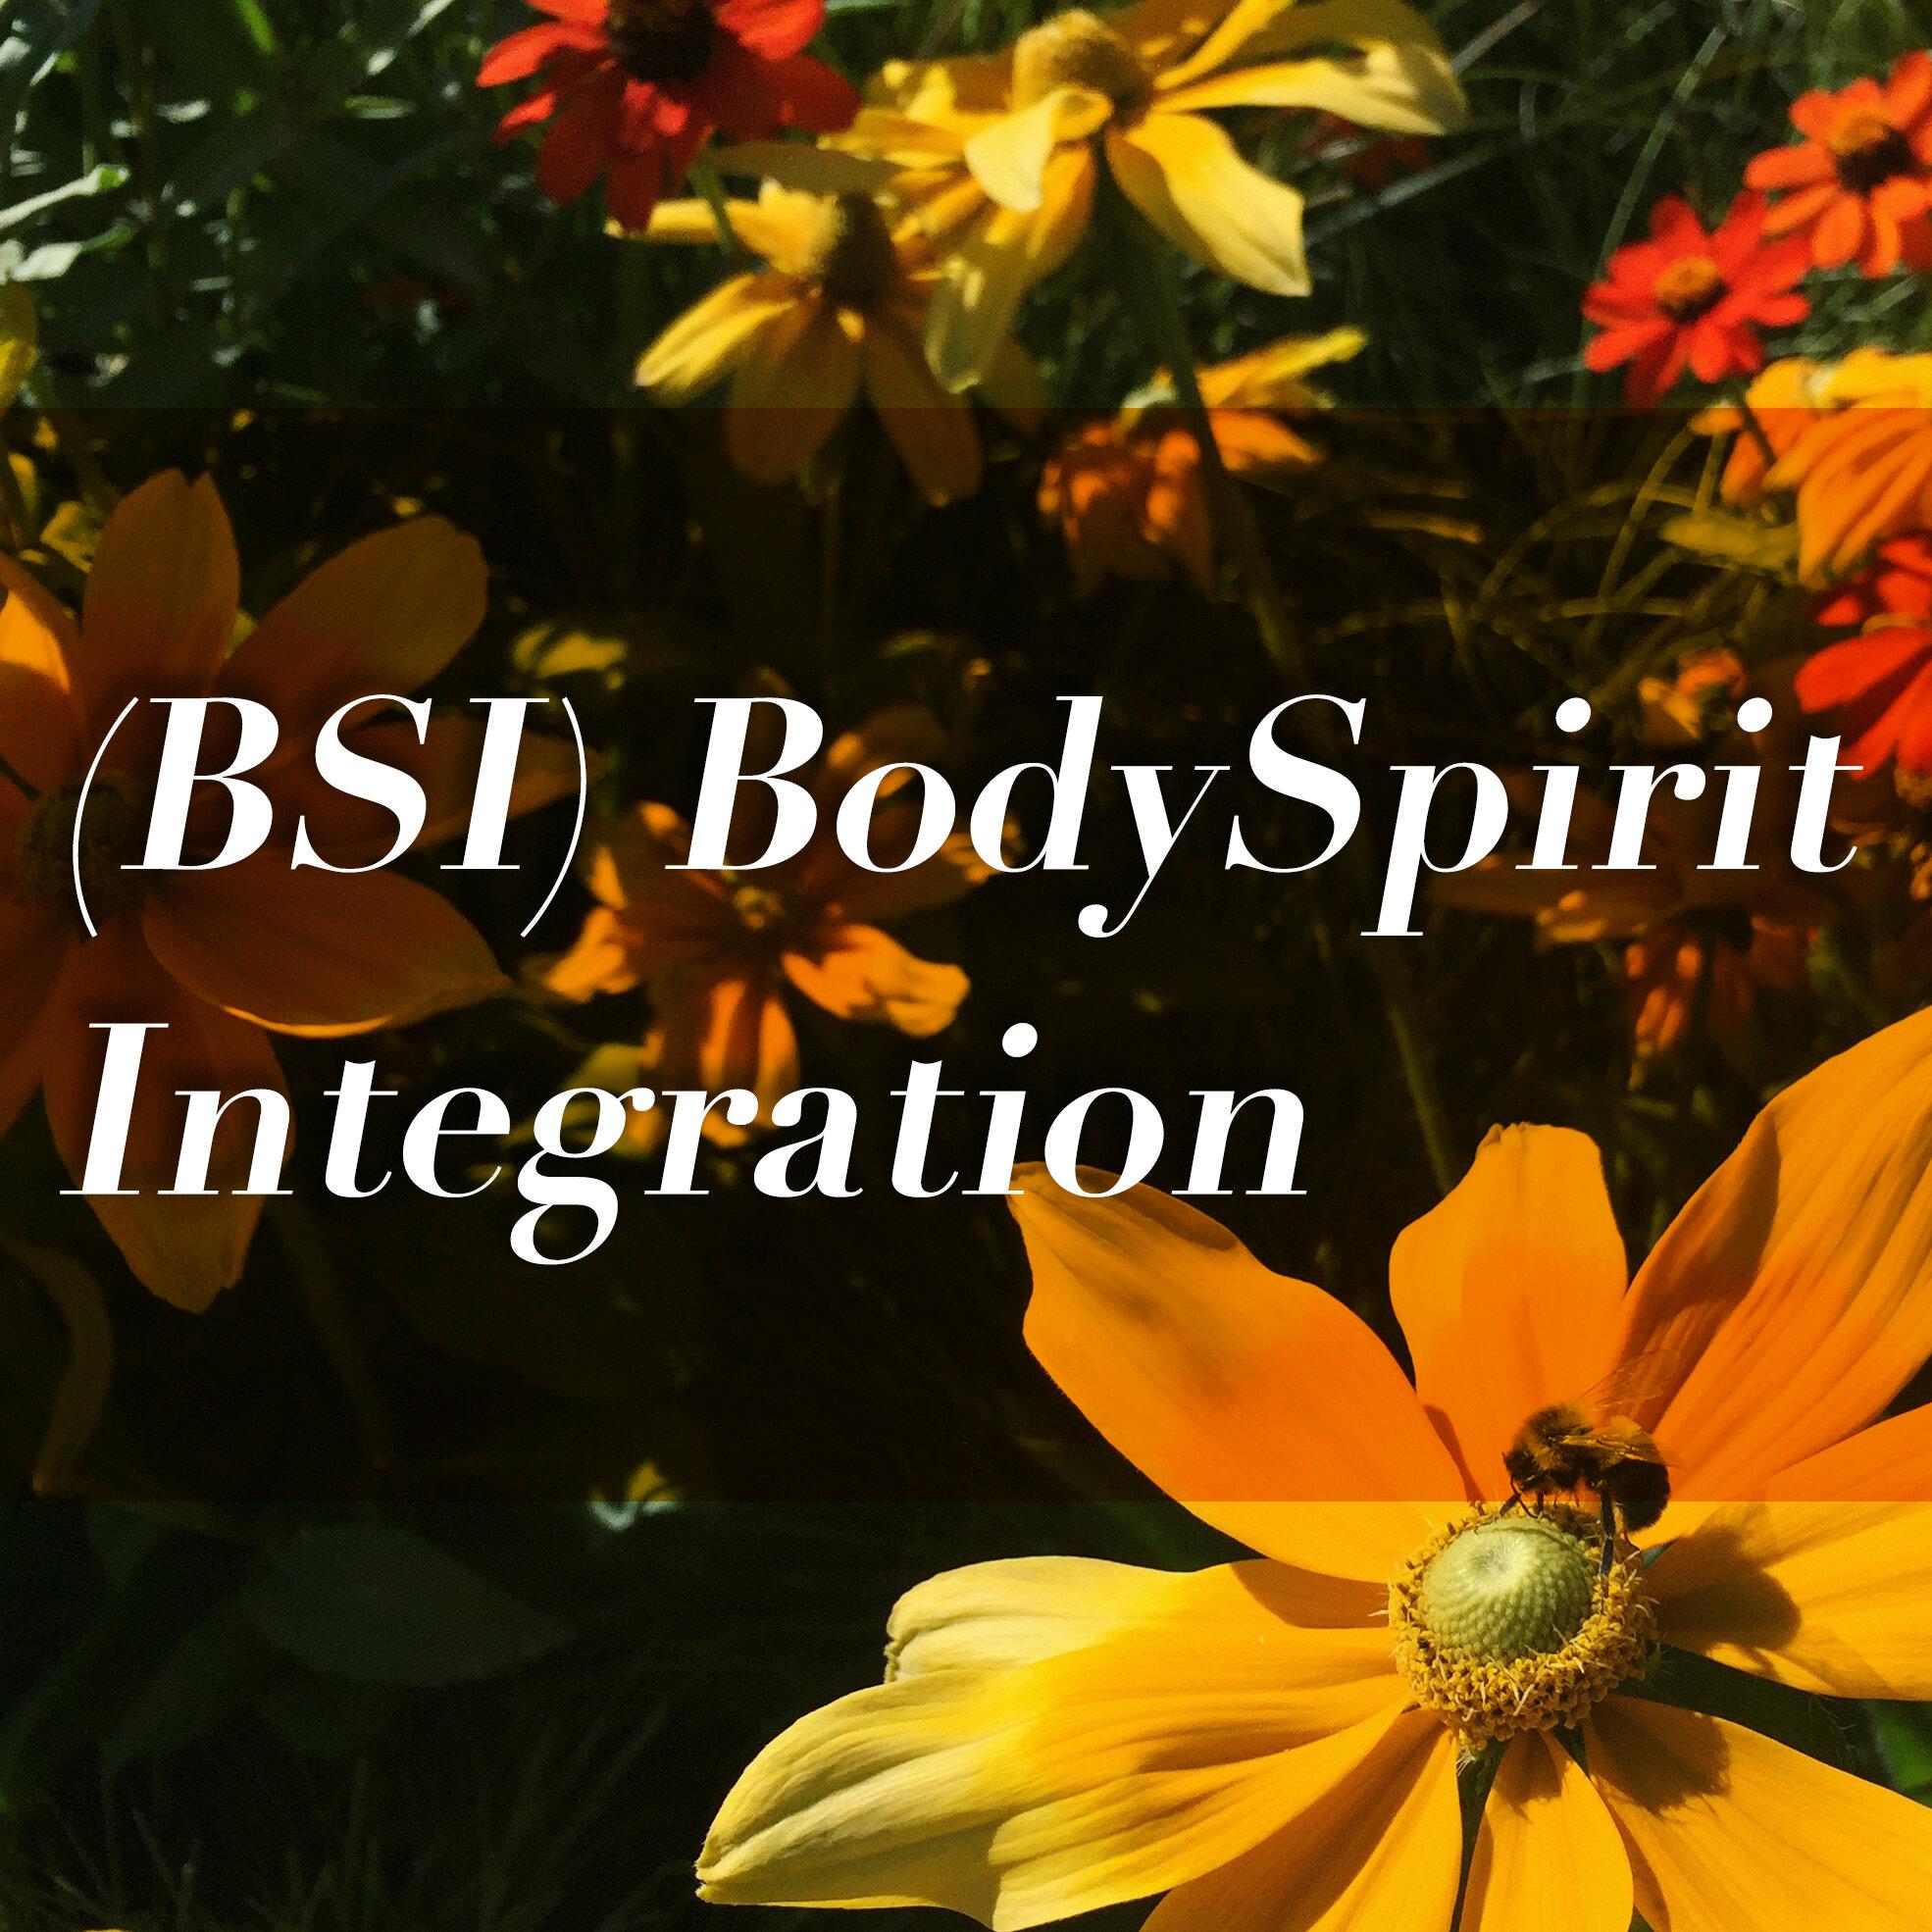 BSI_intergration.jpg